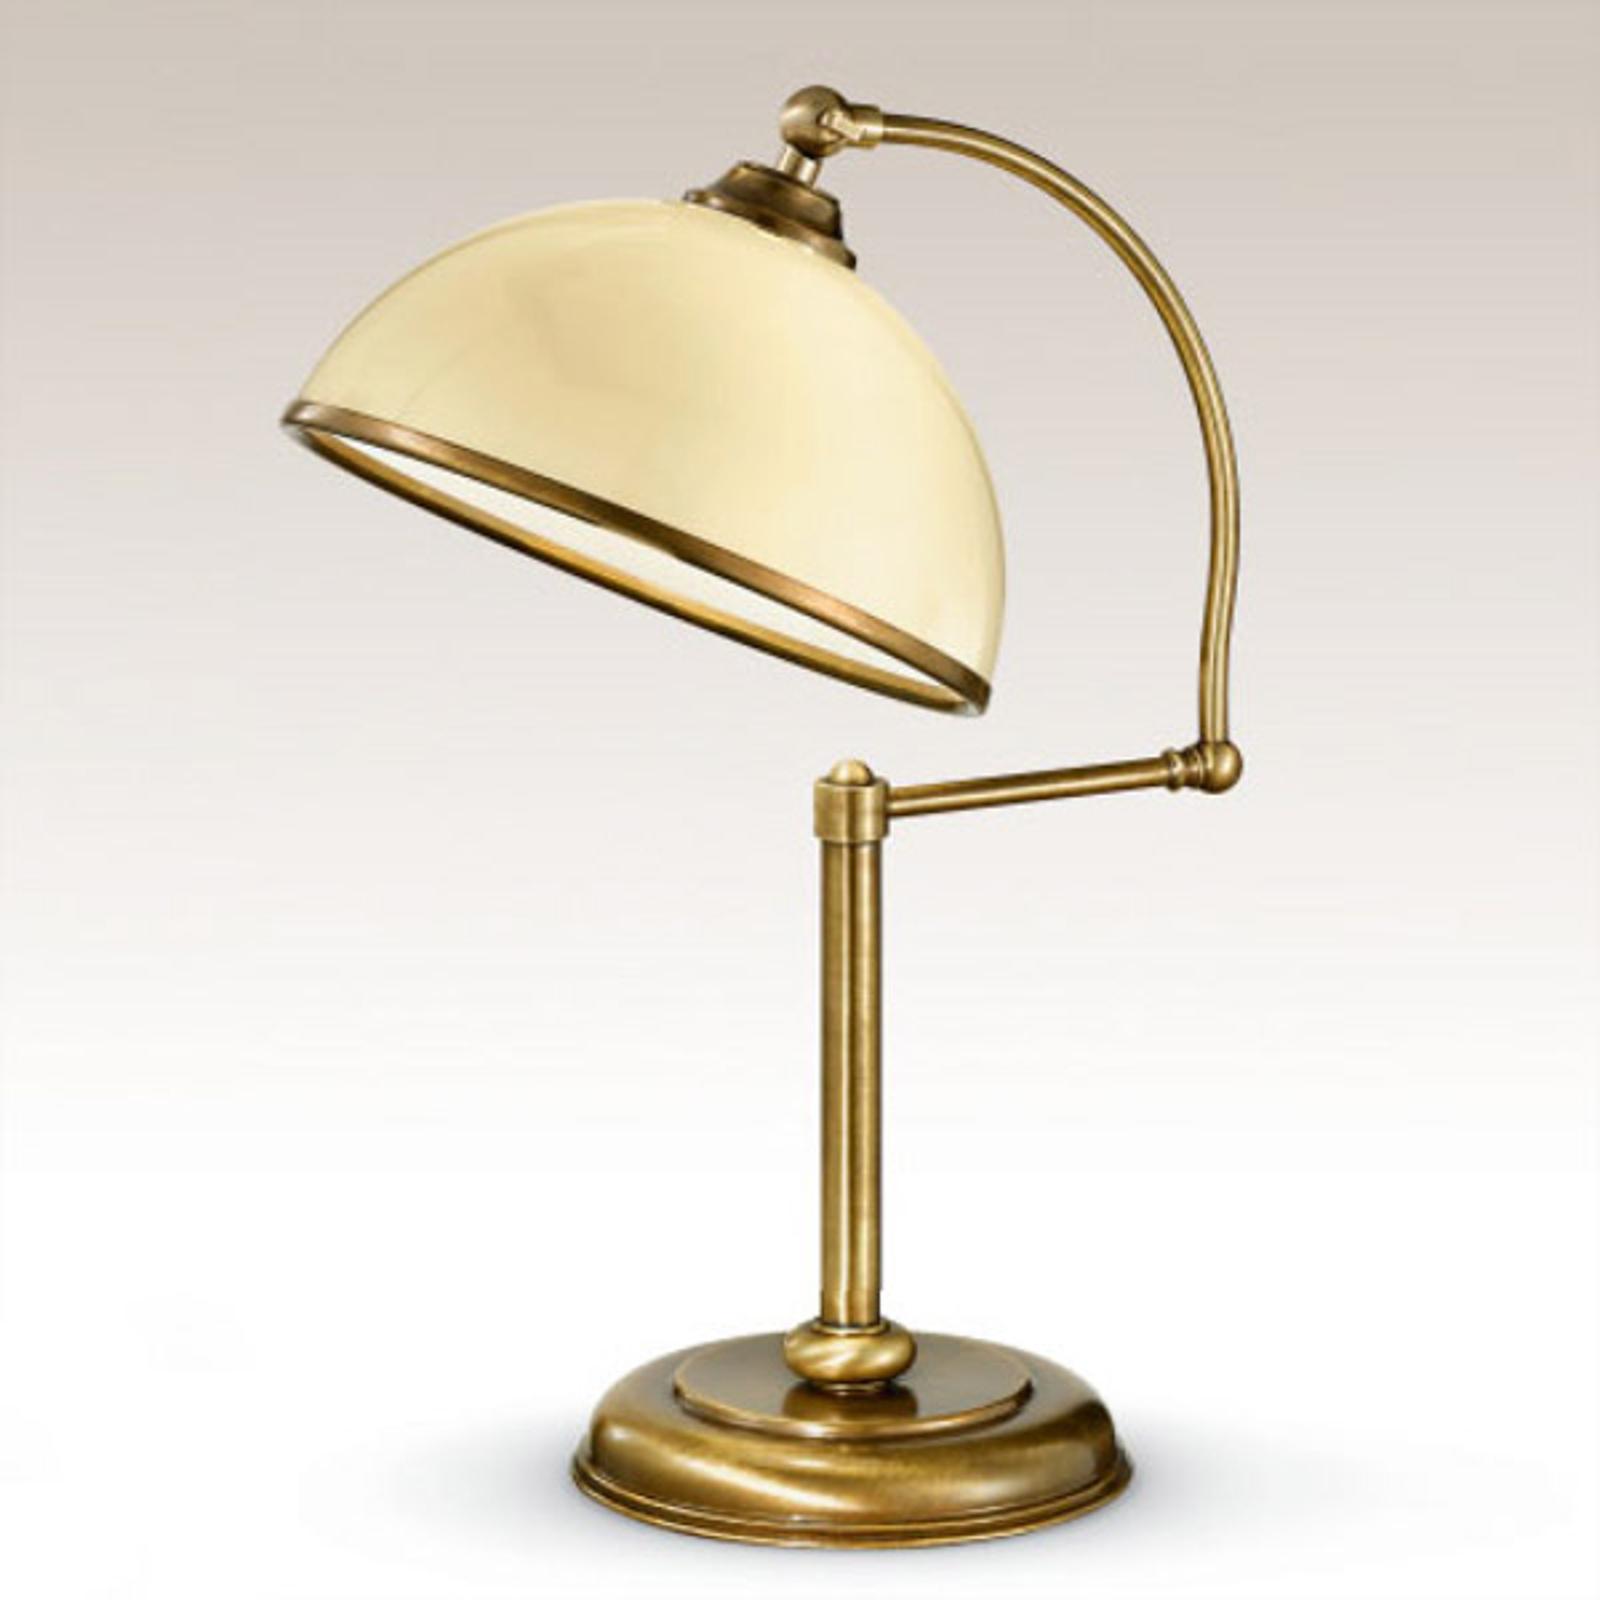 Verstelbare tafellamp La Botte ivoor